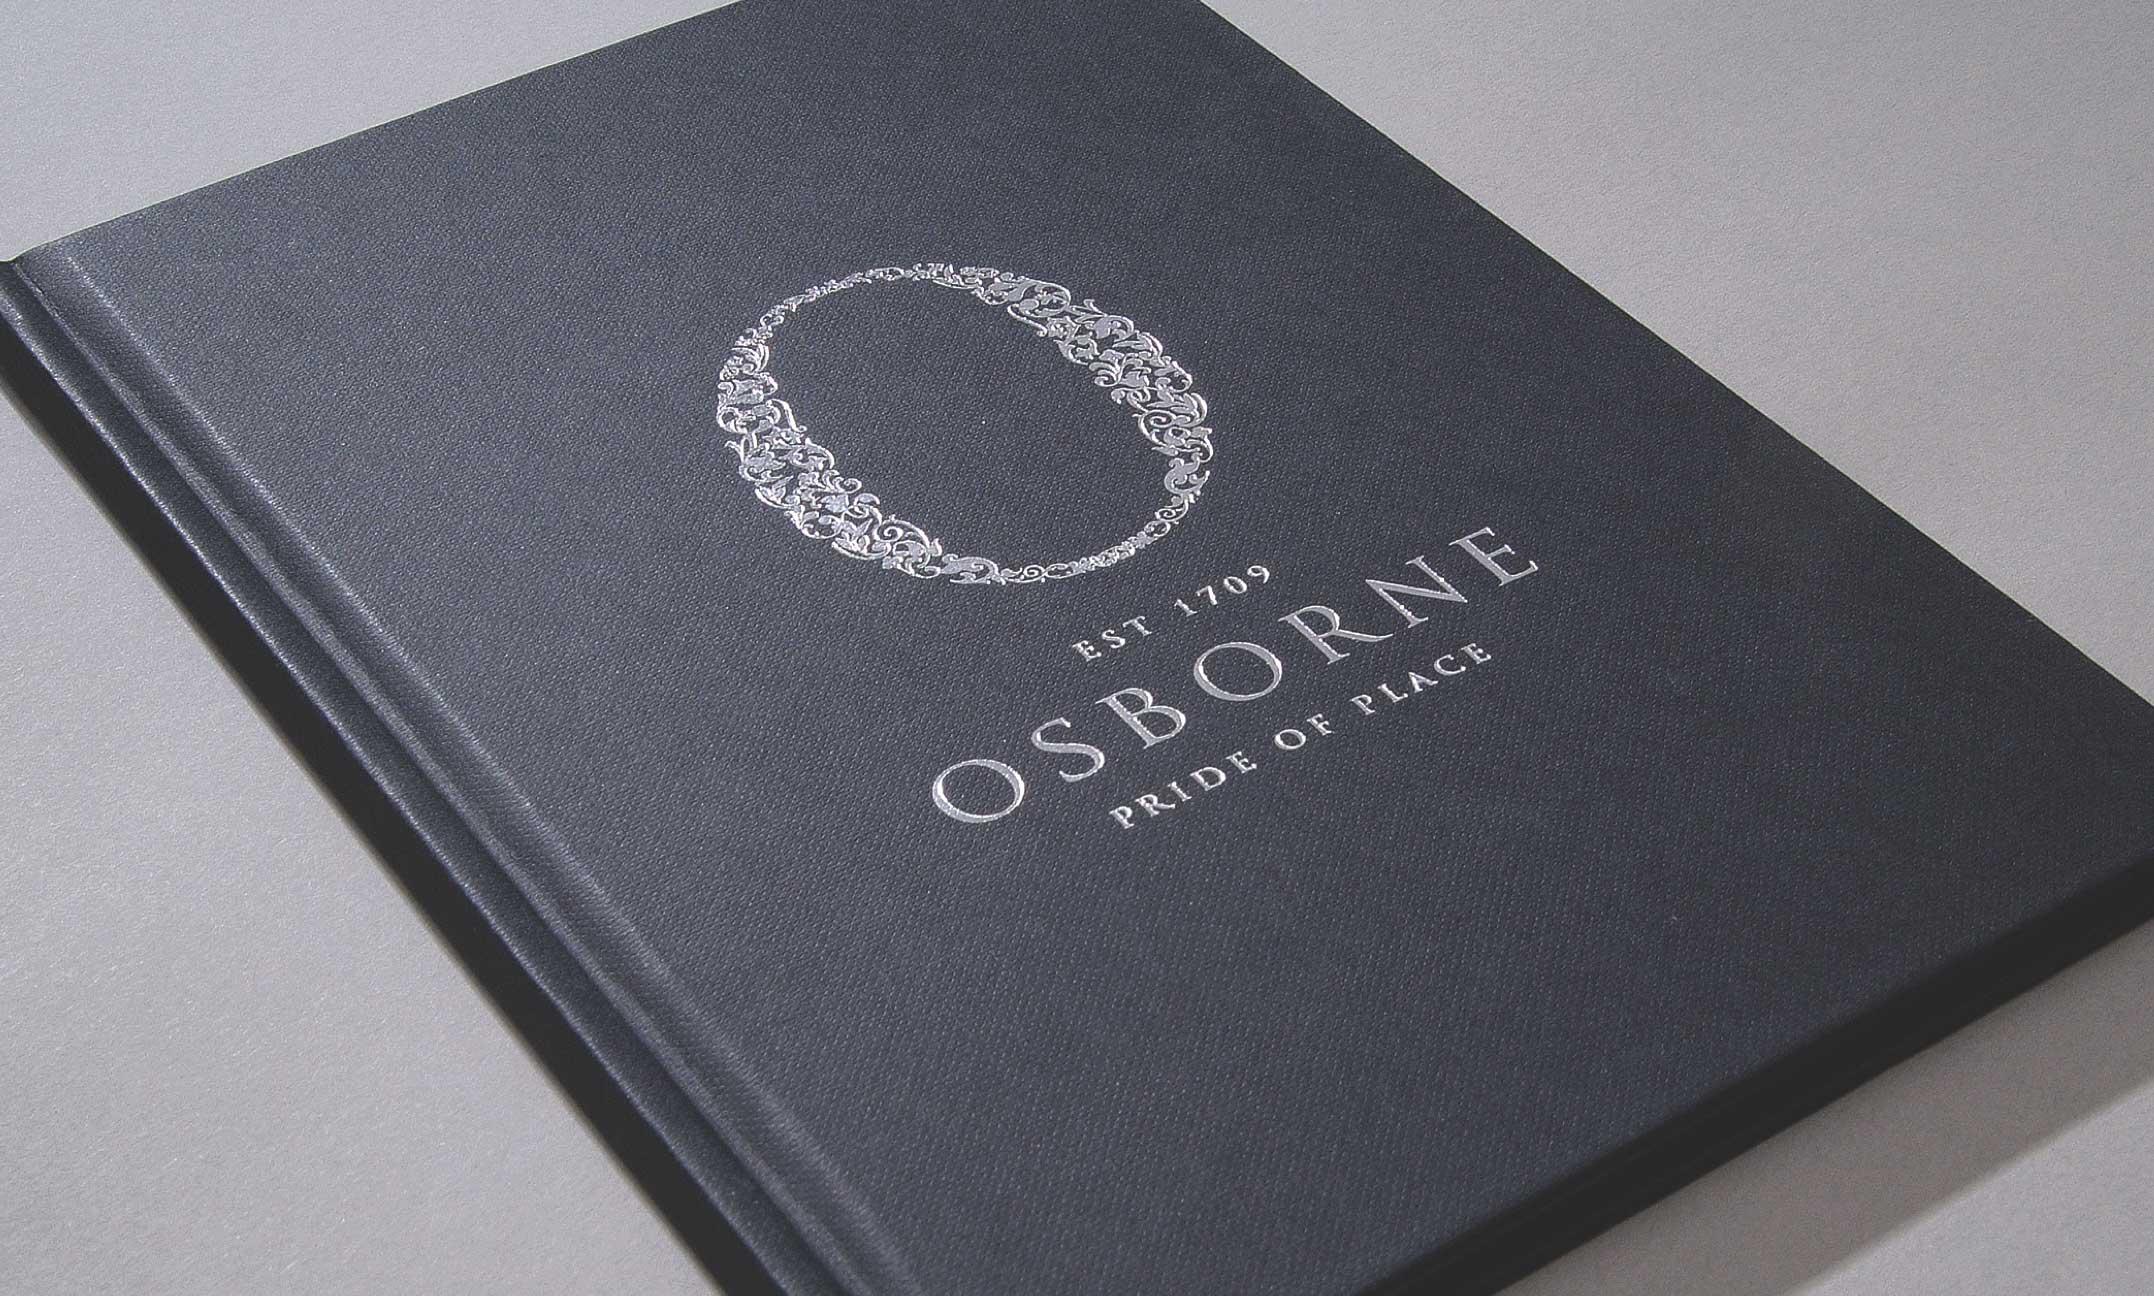 Osborne book (